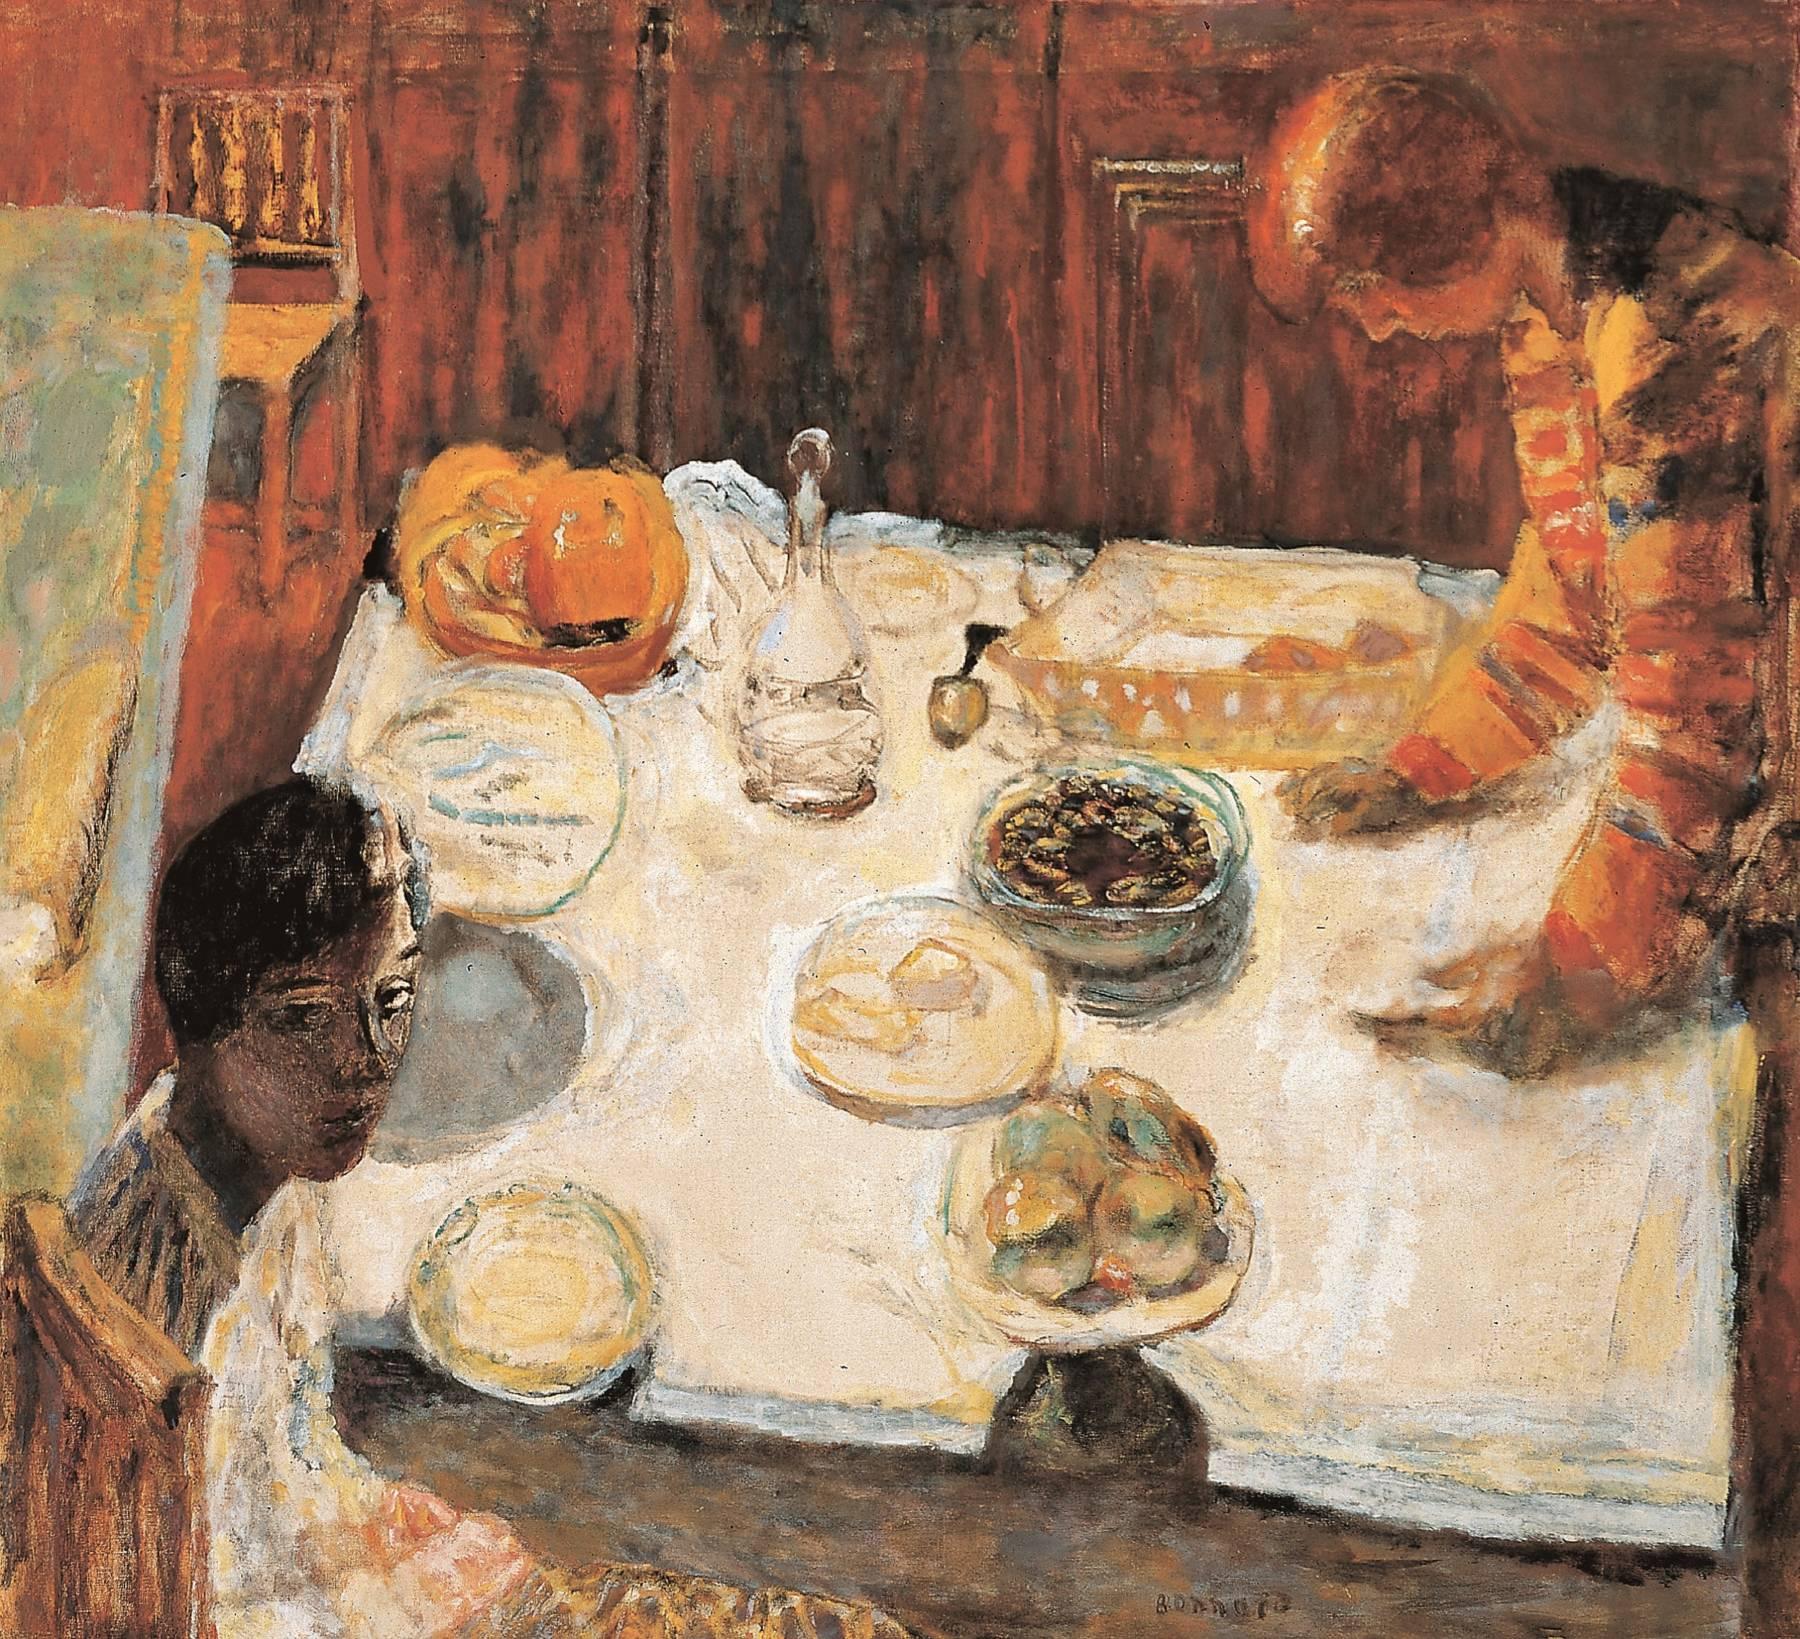 Pierre Bonnard, La Nappe blanche